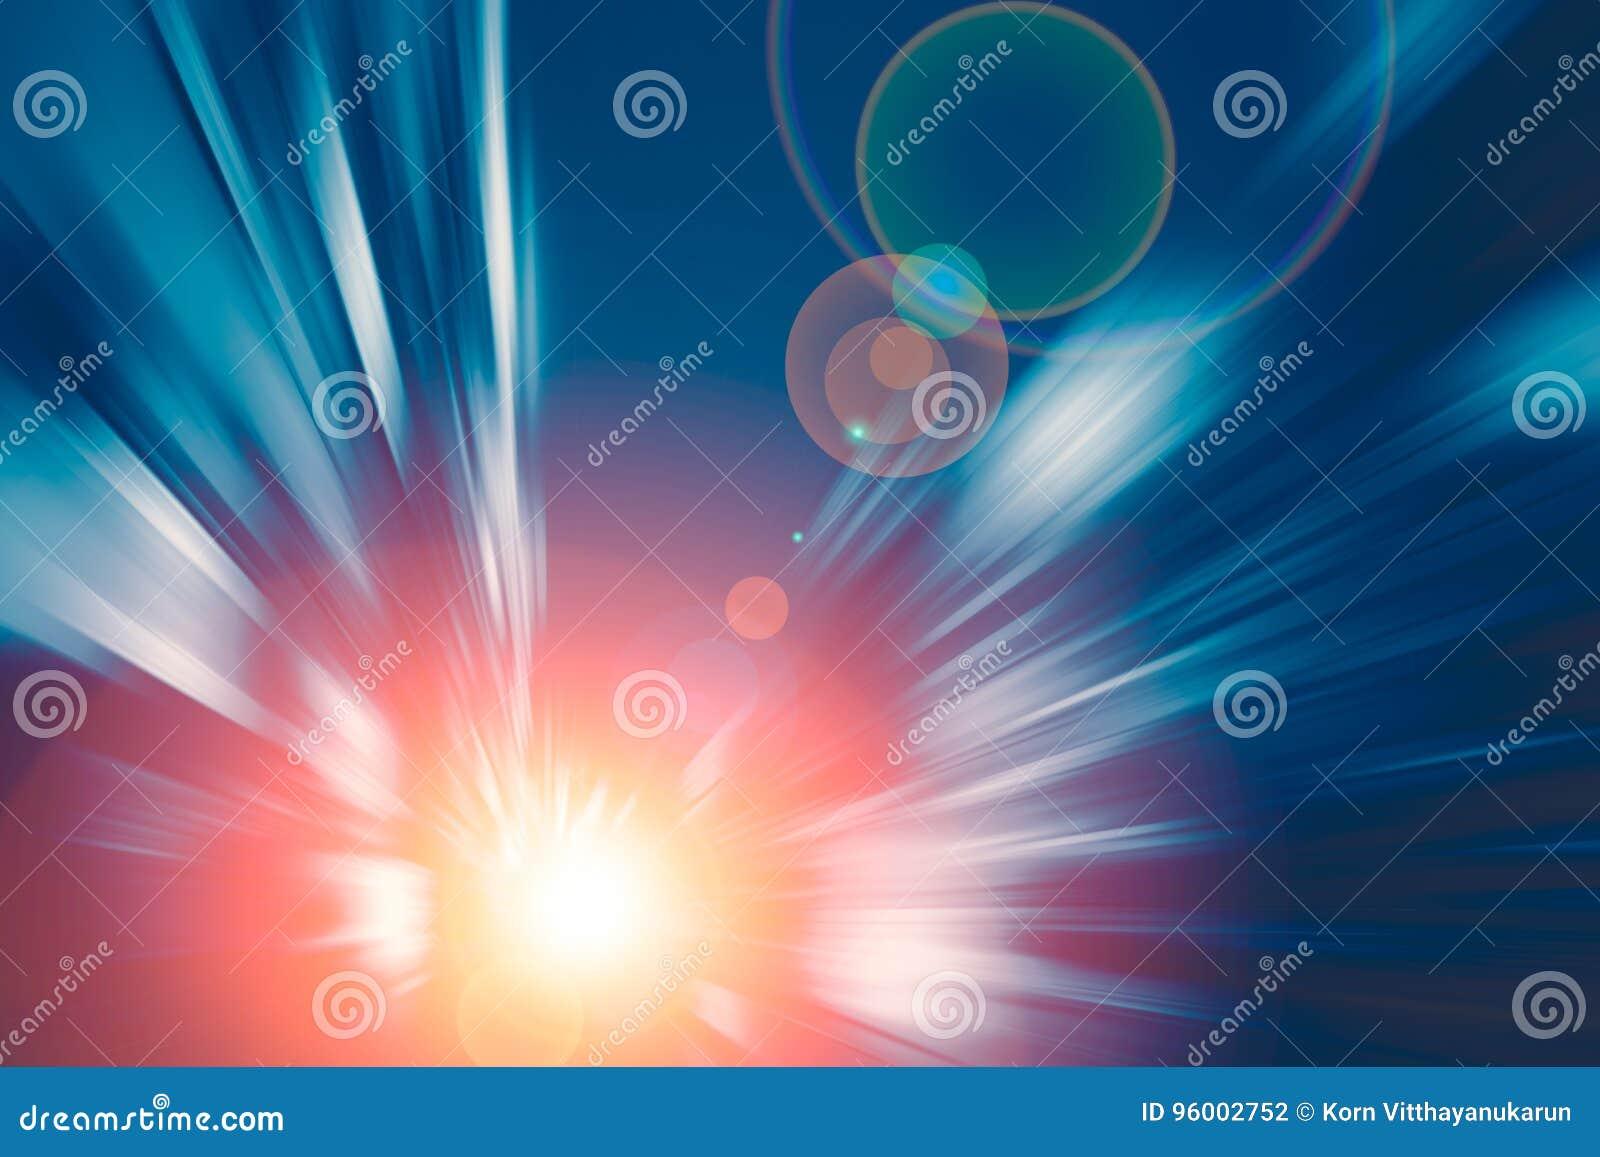 Tom azul da tecnologia de velocidade rápida movente do movimento do borrão empreendedores o conceito futuro